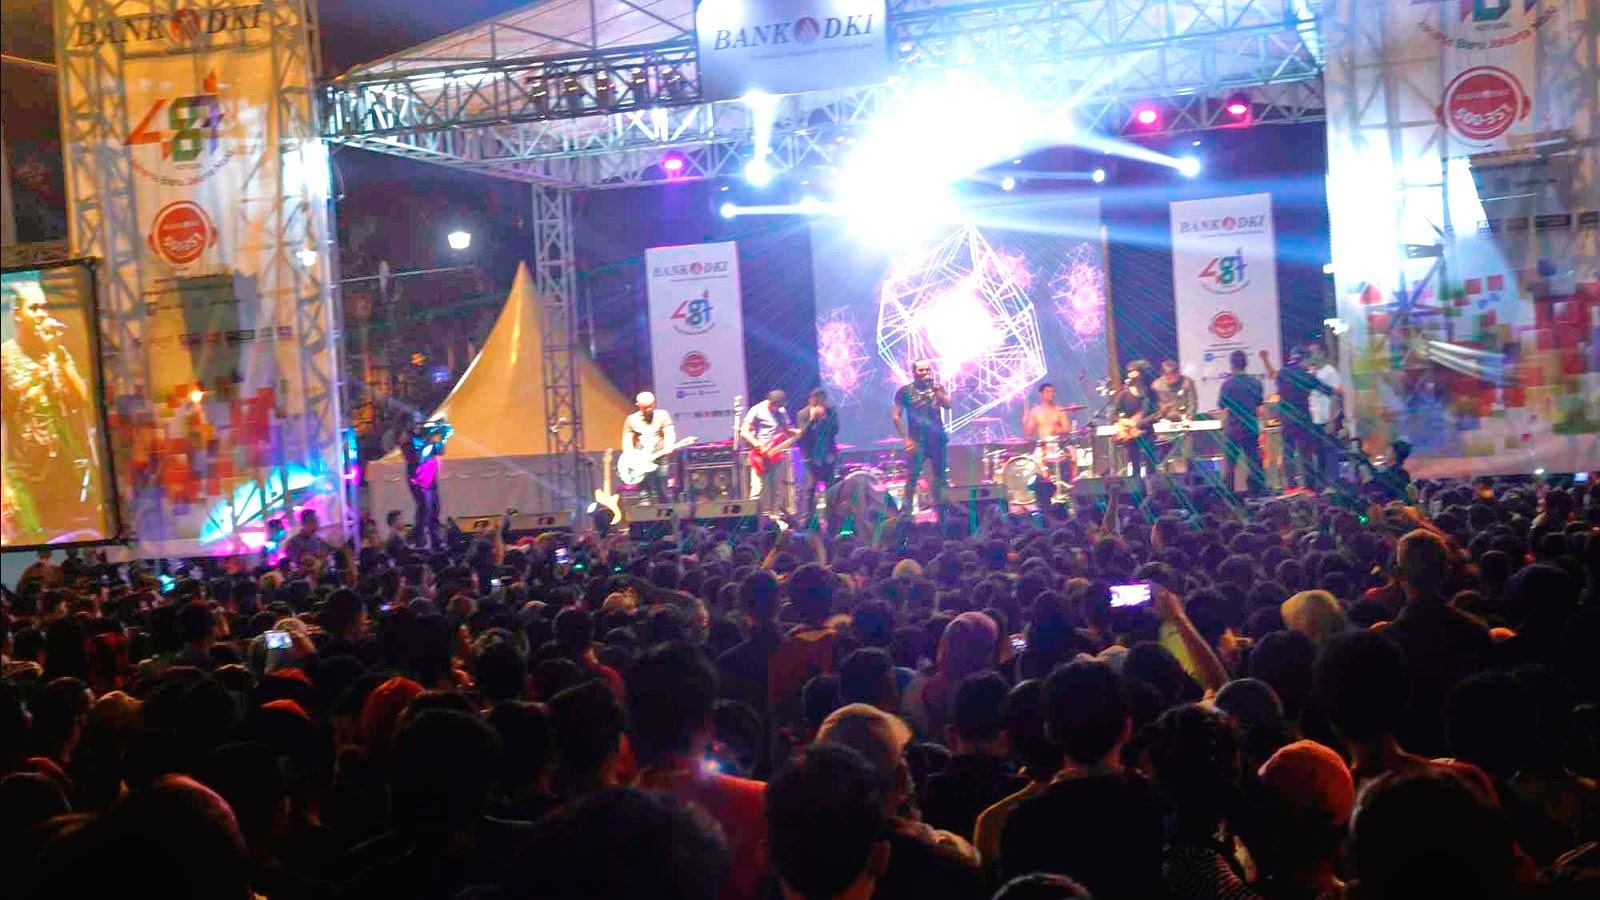 http://www.liataja.com/2014/06/meriahnya-jakarta-night-festival-saat.html